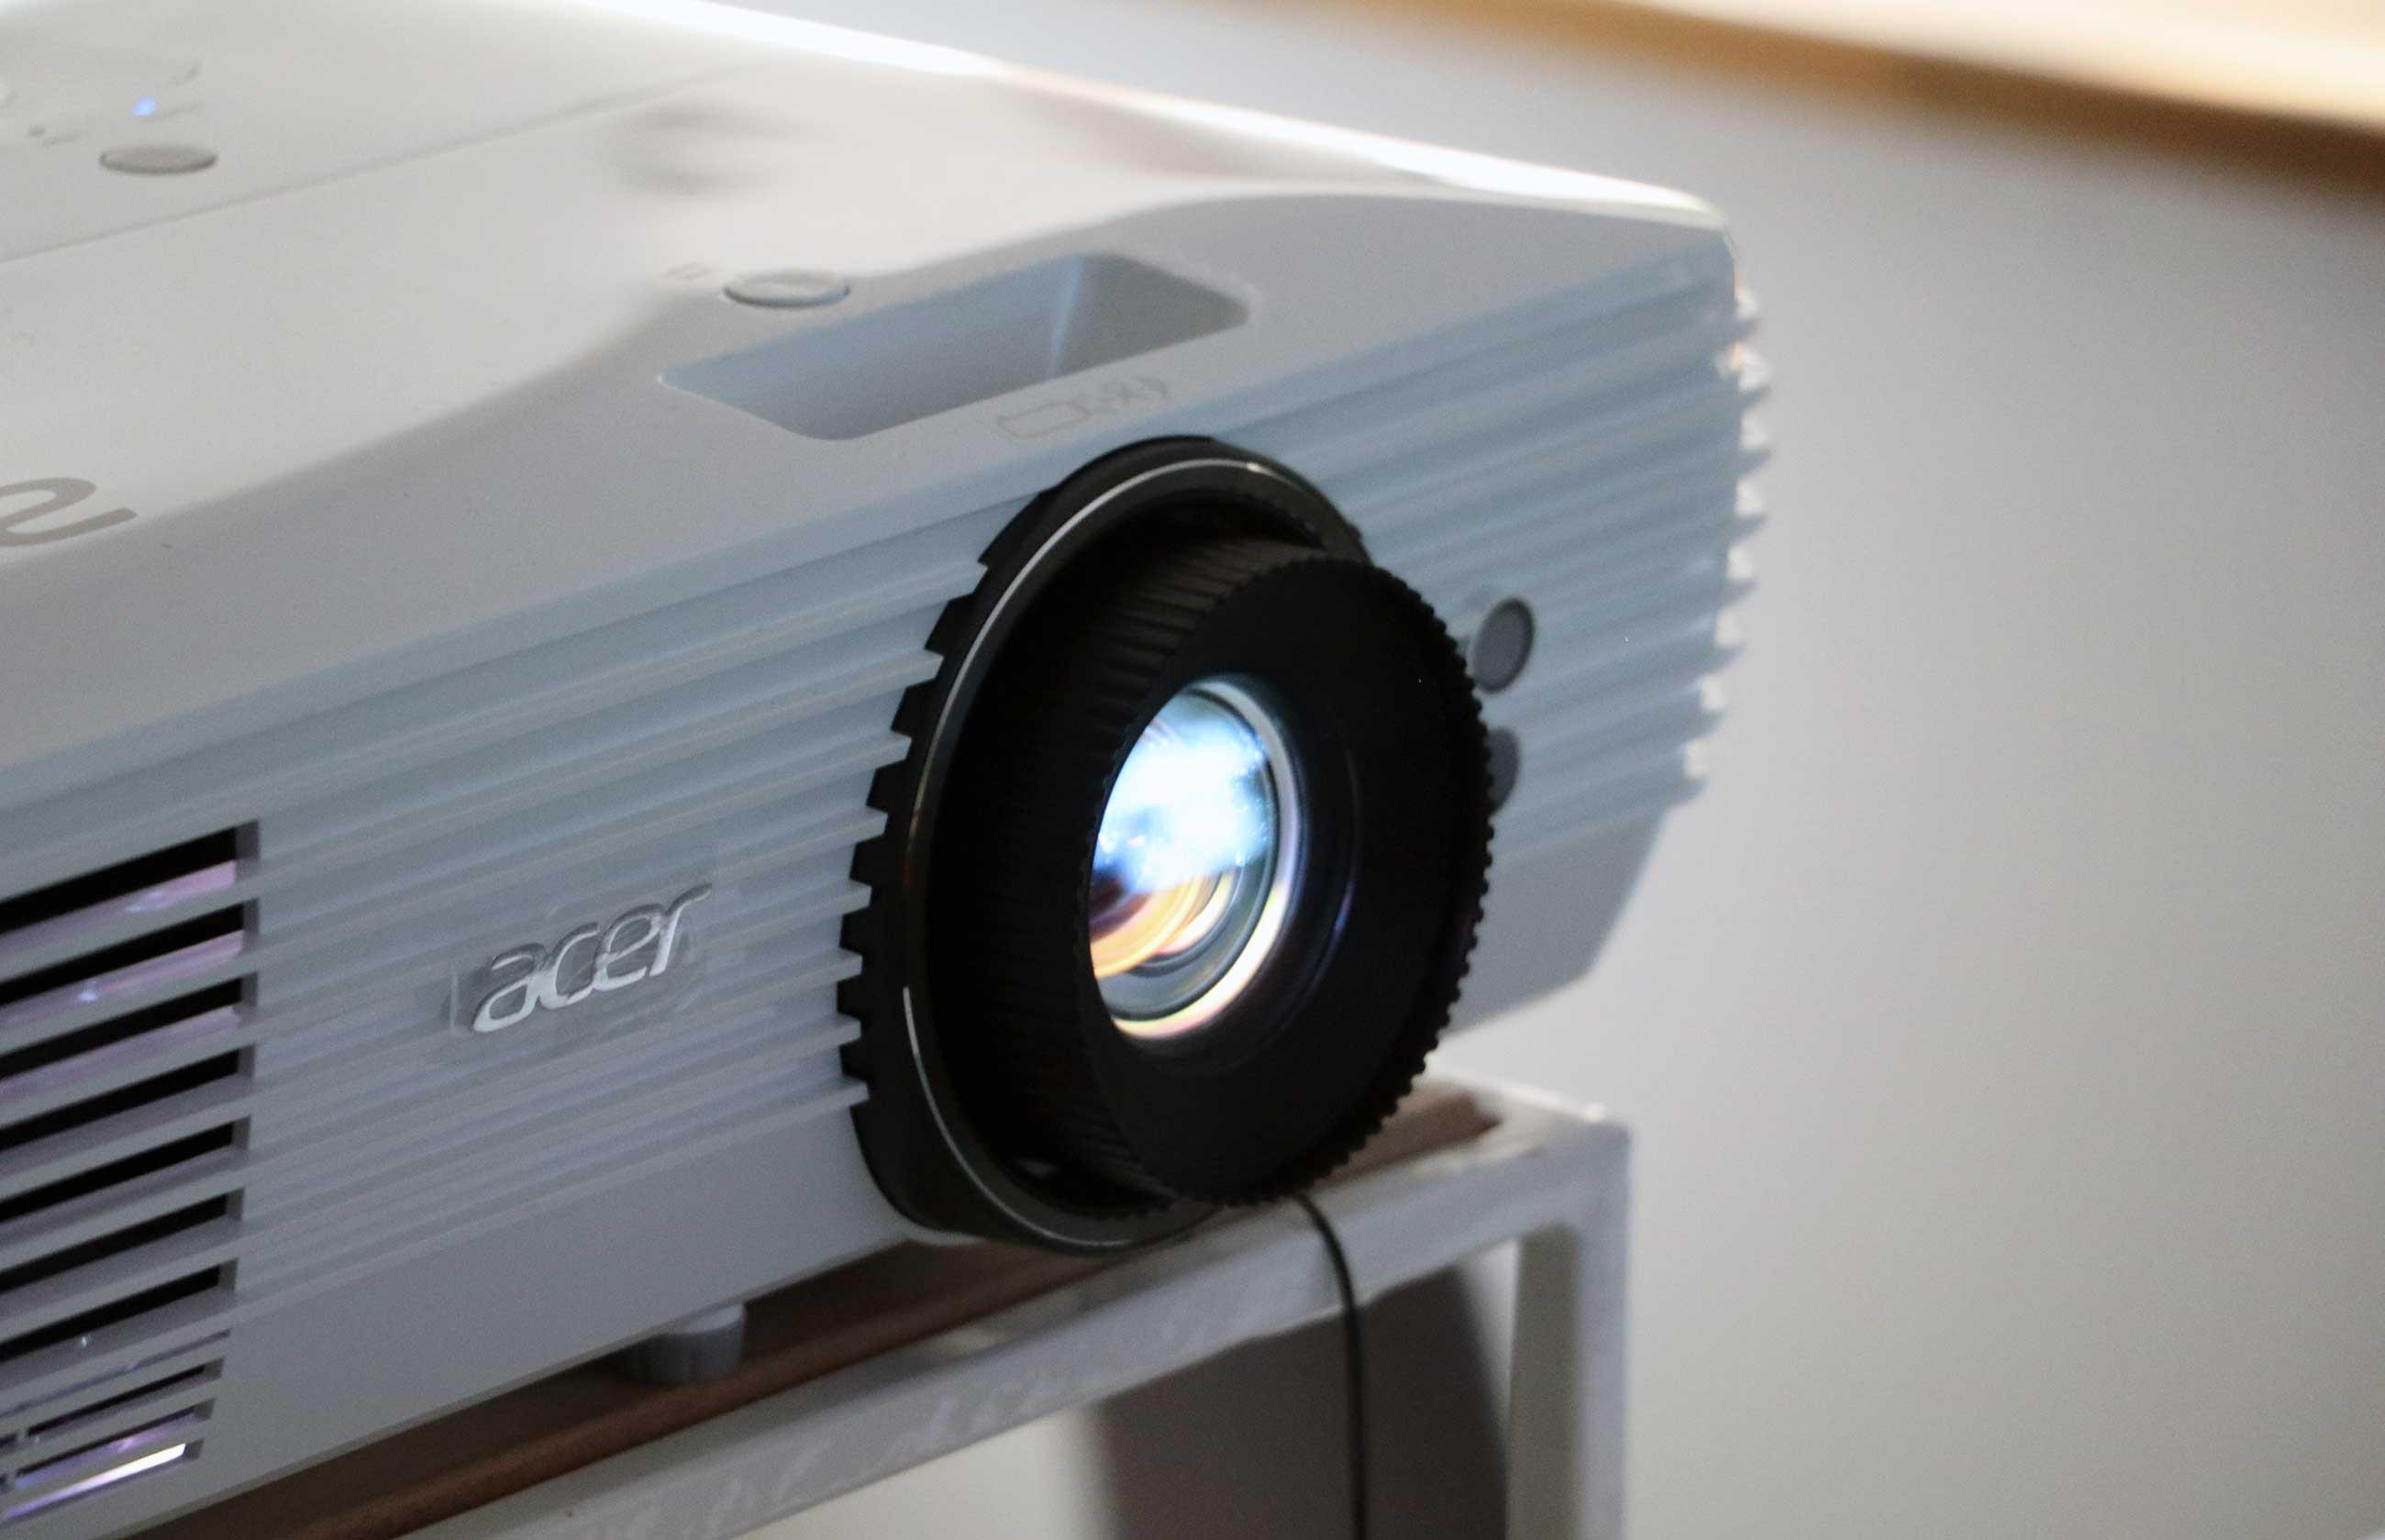 Verlosung: Acer M550 UHD-Beamer im Wert von 1.699 Euro